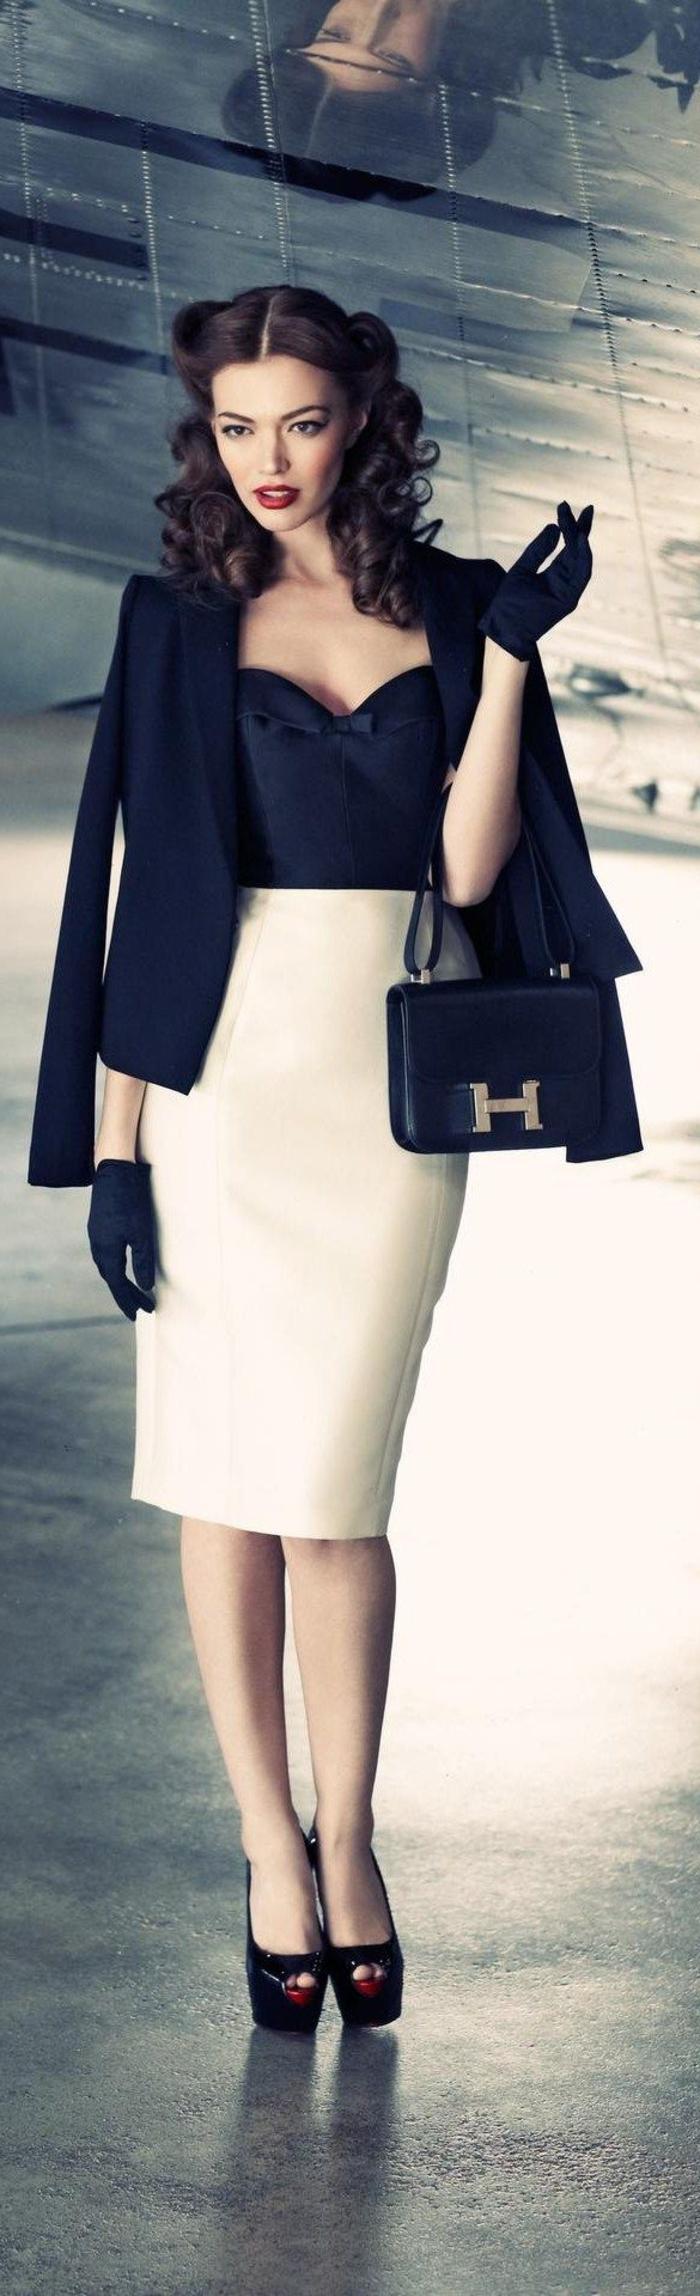 la-tenue-femme-chic-habillement-personnalisé-accoutrement-vintage-idées